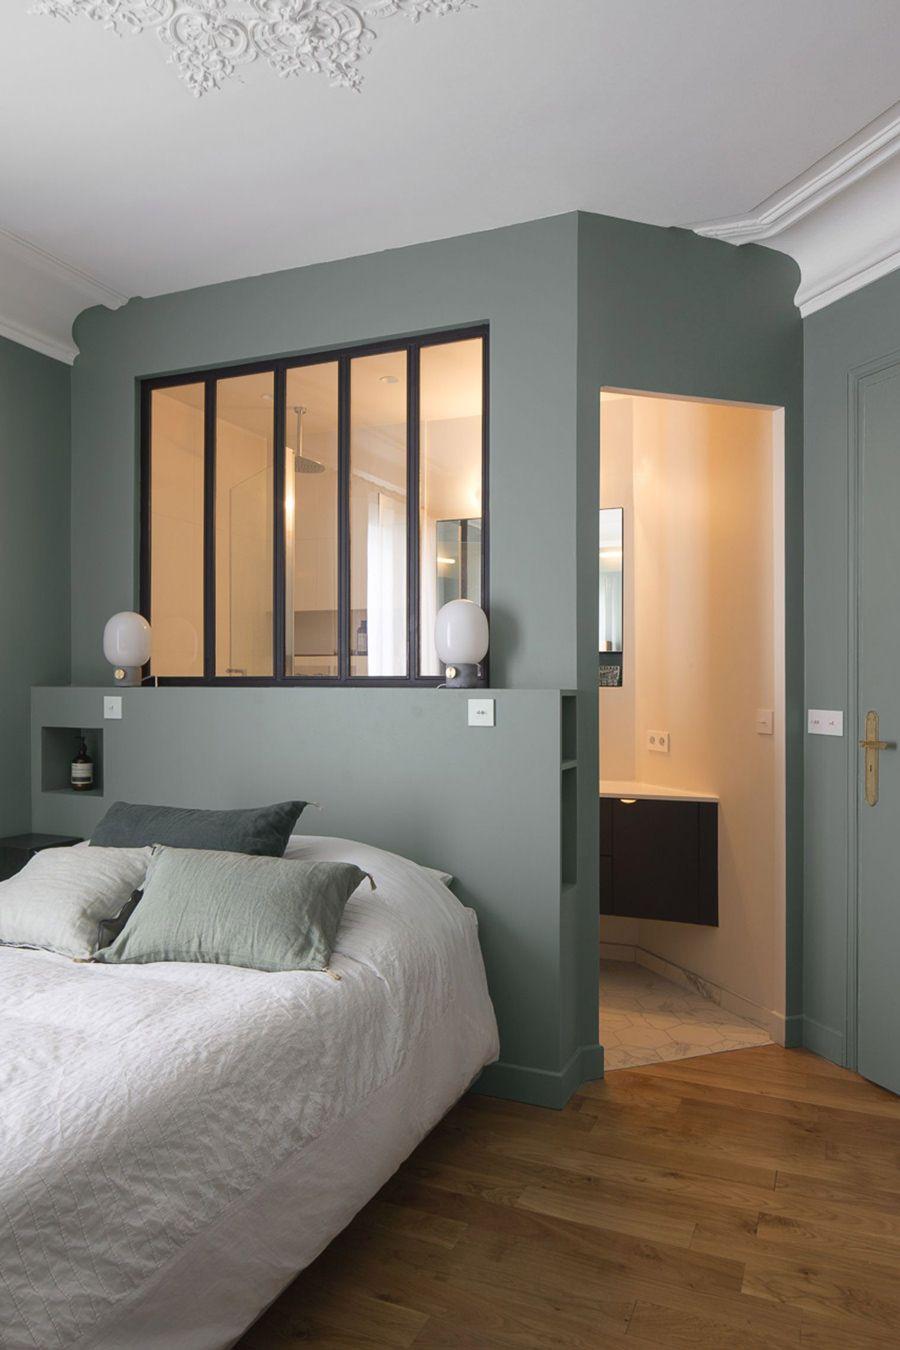 40 idee di lavori in cartongesso per la camera da letto | Home ...